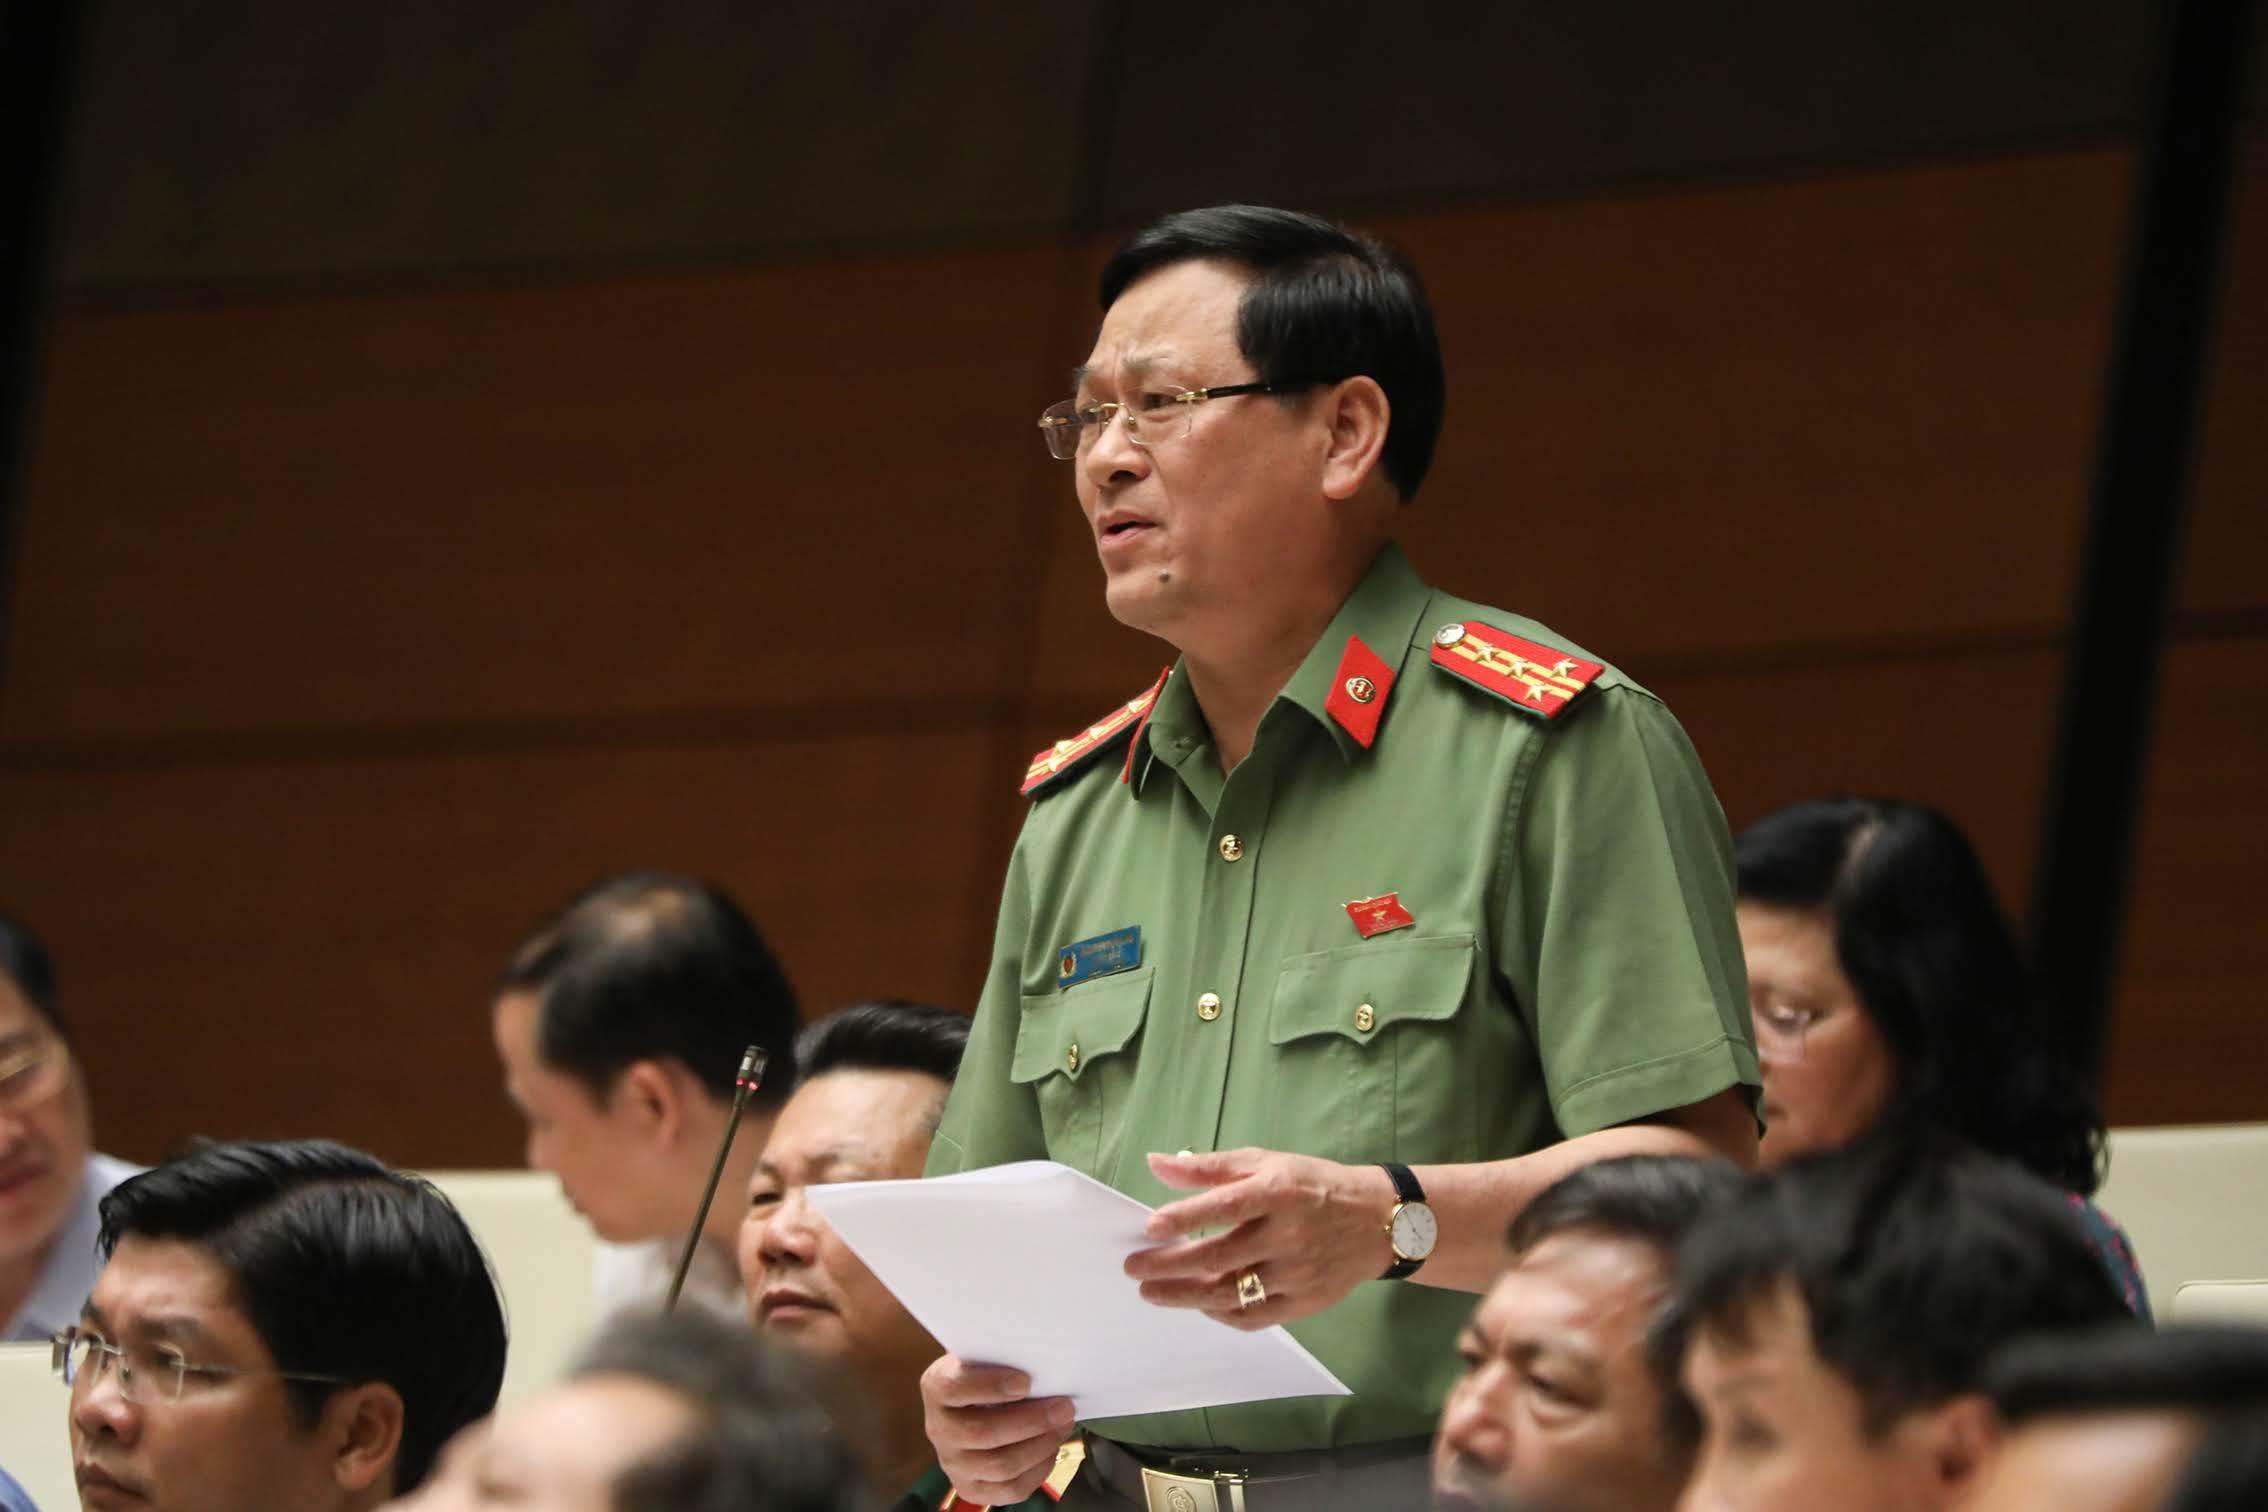 Đà Nẵng,lãnh đạo chủ chốt,nhân sự,đất đai,tham nhũng